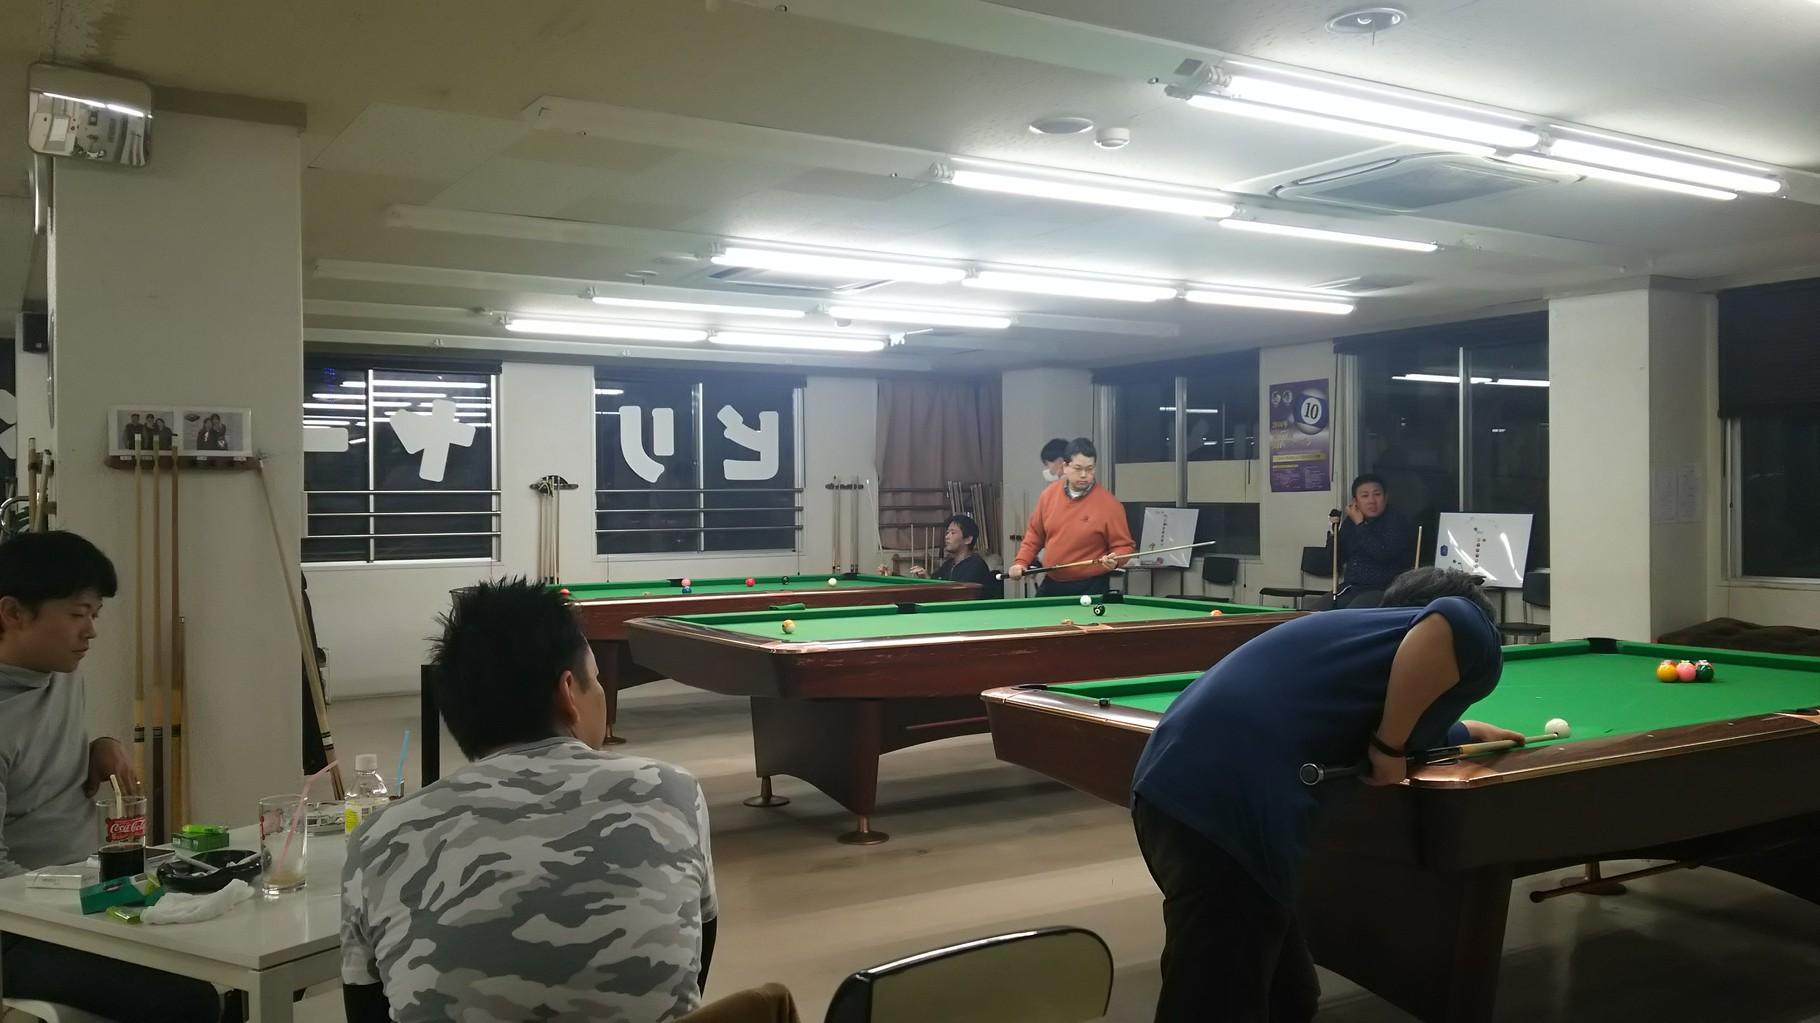 試合風景です。後ろ姿で見ている迷彩柄の服の方は前回優勝者の藤本さん!